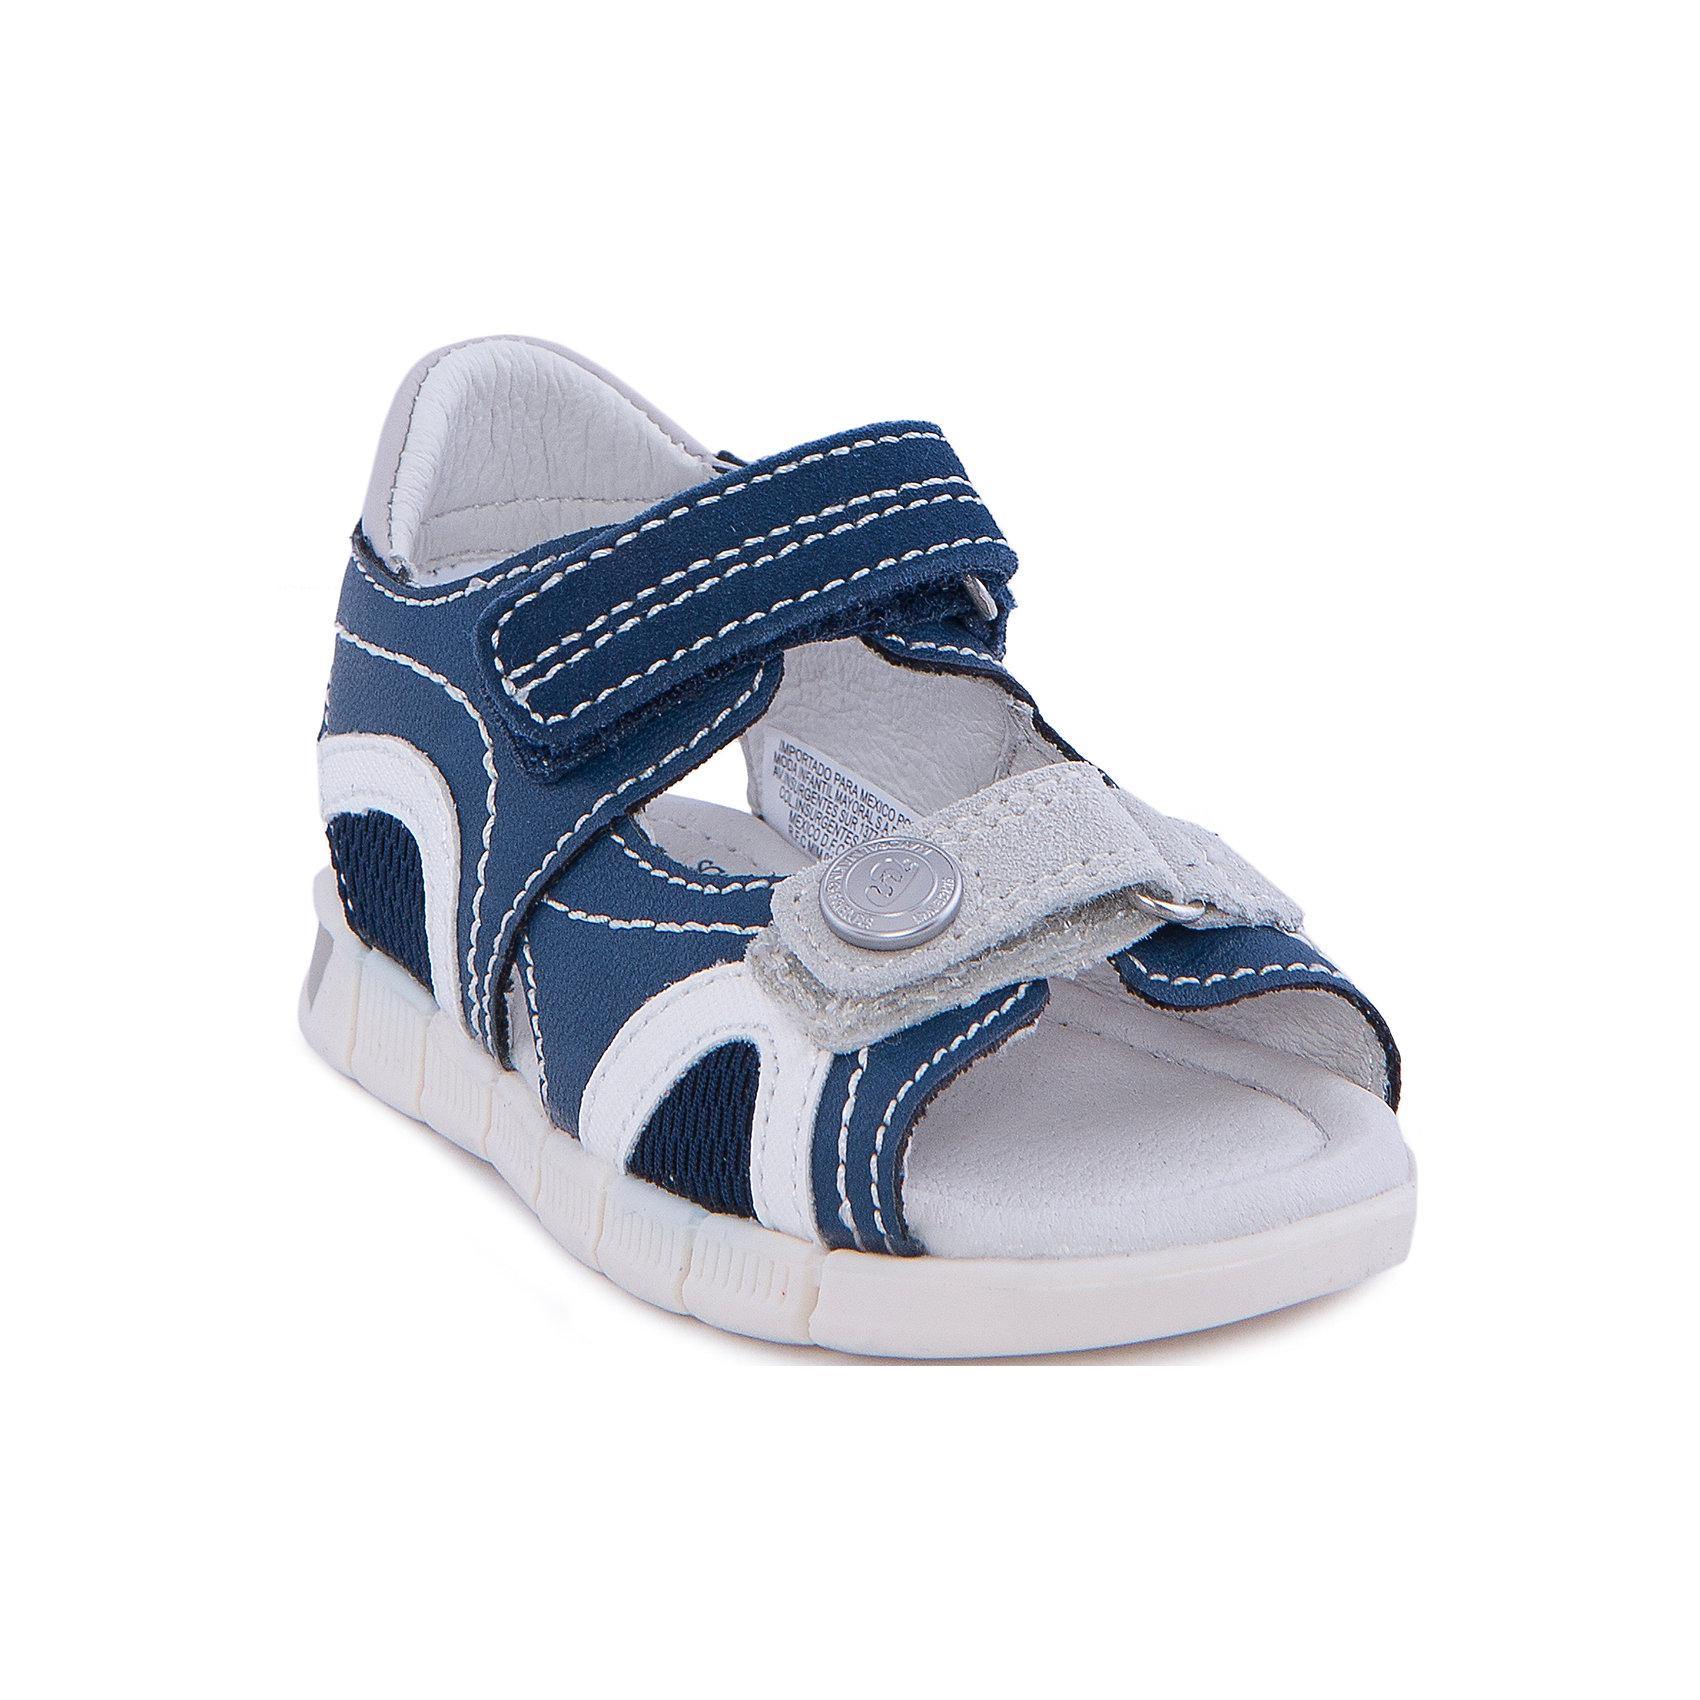 Сандалии MayoralСандалии от известной испанской марки Mayoral - прекрасный вариант для жаркой погоды или же сменной обуви. <br><br>Дополнительная информация:<br><br>- Рифленая антискользящая подошва. <br>- Застегиваются на липучки. <br>- Декоративная отстрочка.<br>- Текстильный вставки для вентиляции. <br>- Декорированы металлической кнопкой. <br>- Состав: материал верха - 58% полиуретан, 24% полиэстер, 18% кожа; подкладка, стелька - 100% кожа; подошва - 100% синтетический материал.<br><br>Сандалии Mayoral (Майорал) можно купить в нашем магазине.<br><br>Ширина мм: 219<br>Глубина мм: 154<br>Высота мм: 121<br>Вес г: 343<br>Цвет: синий<br>Возраст от месяцев: 12<br>Возраст до месяцев: 15<br>Пол: Унисекс<br>Возраст: Детский<br>Размер: 21,23,20,22,24,27,26,25<br>SKU: 4539630